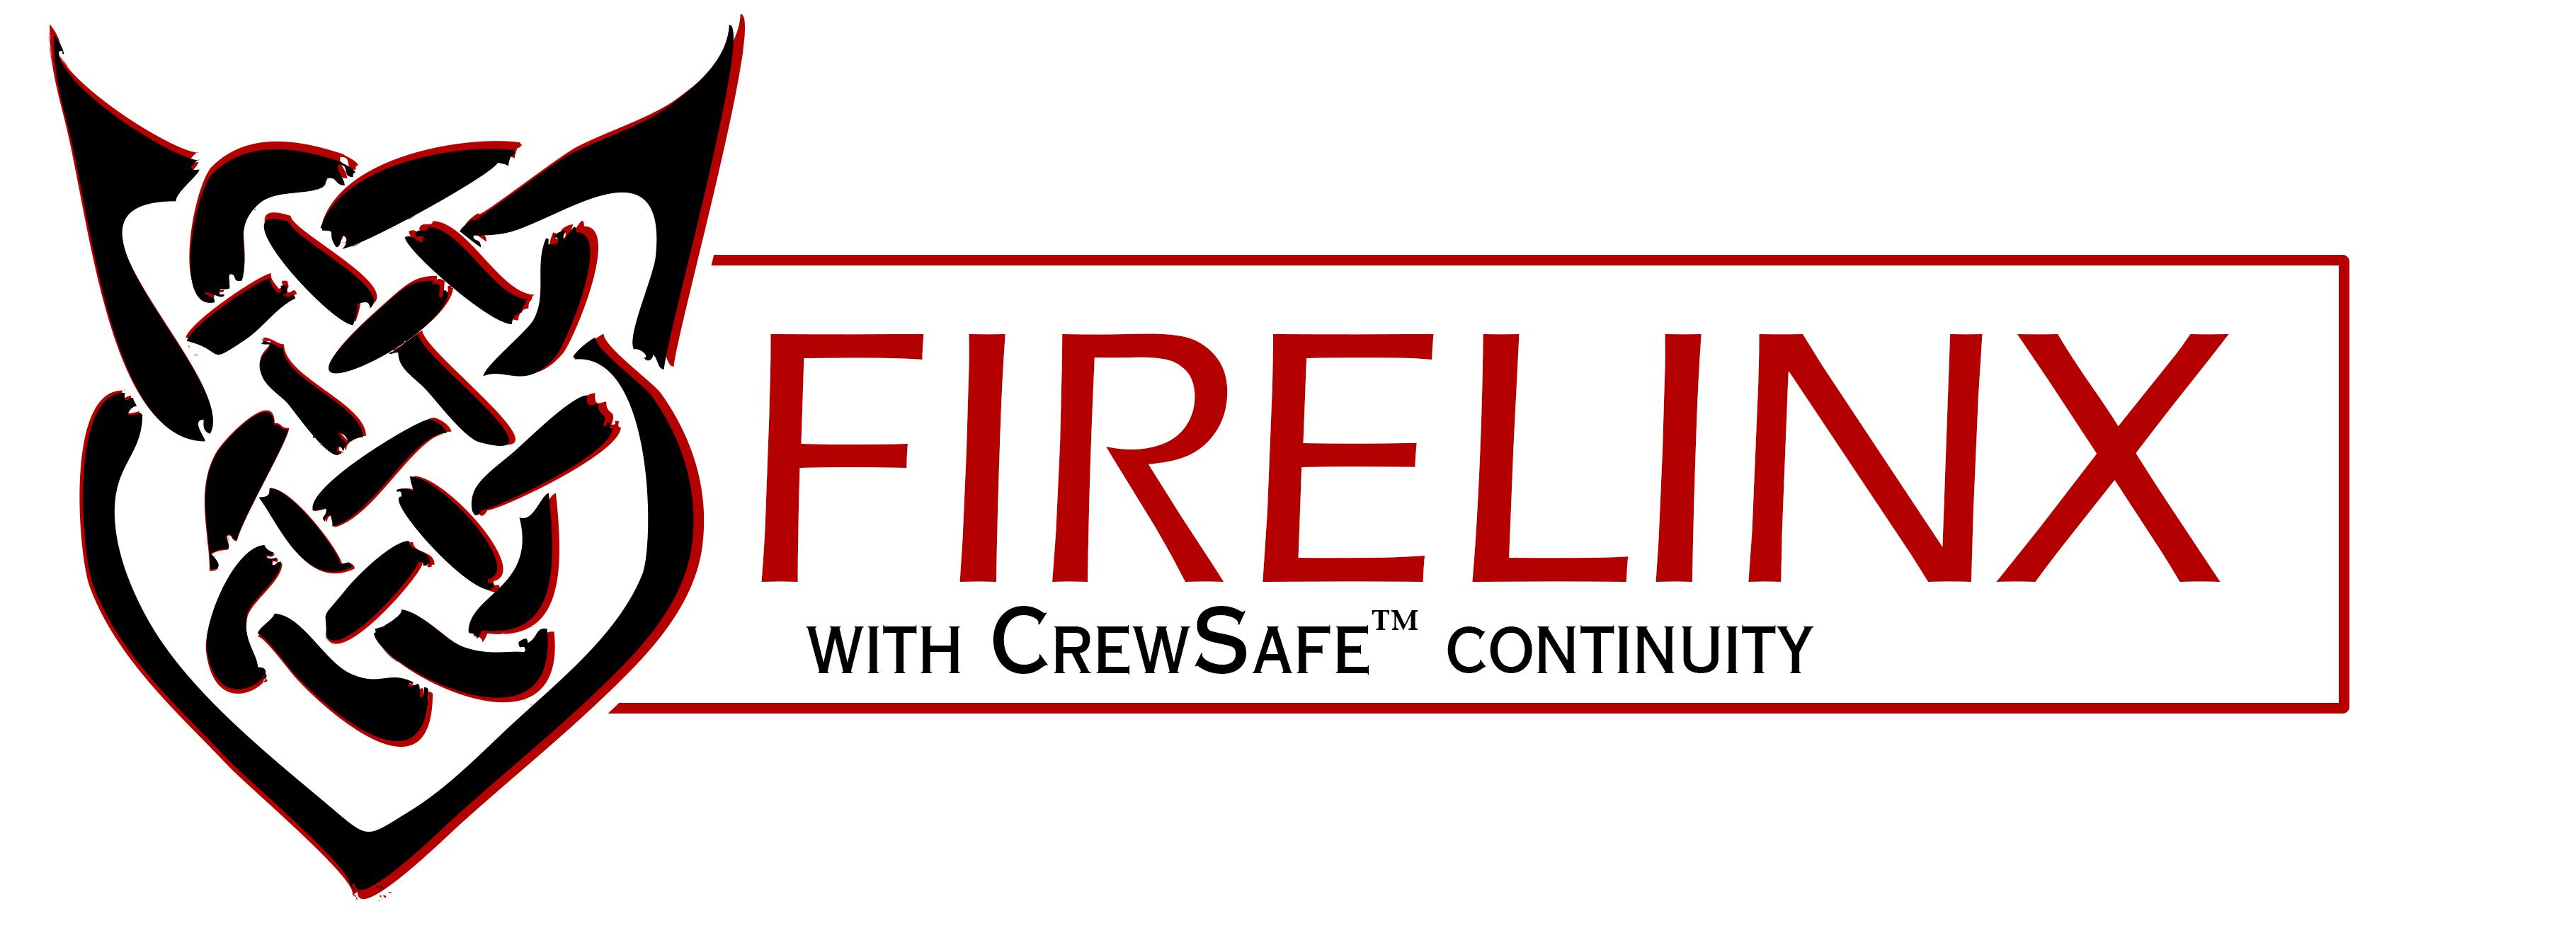 Firelinx